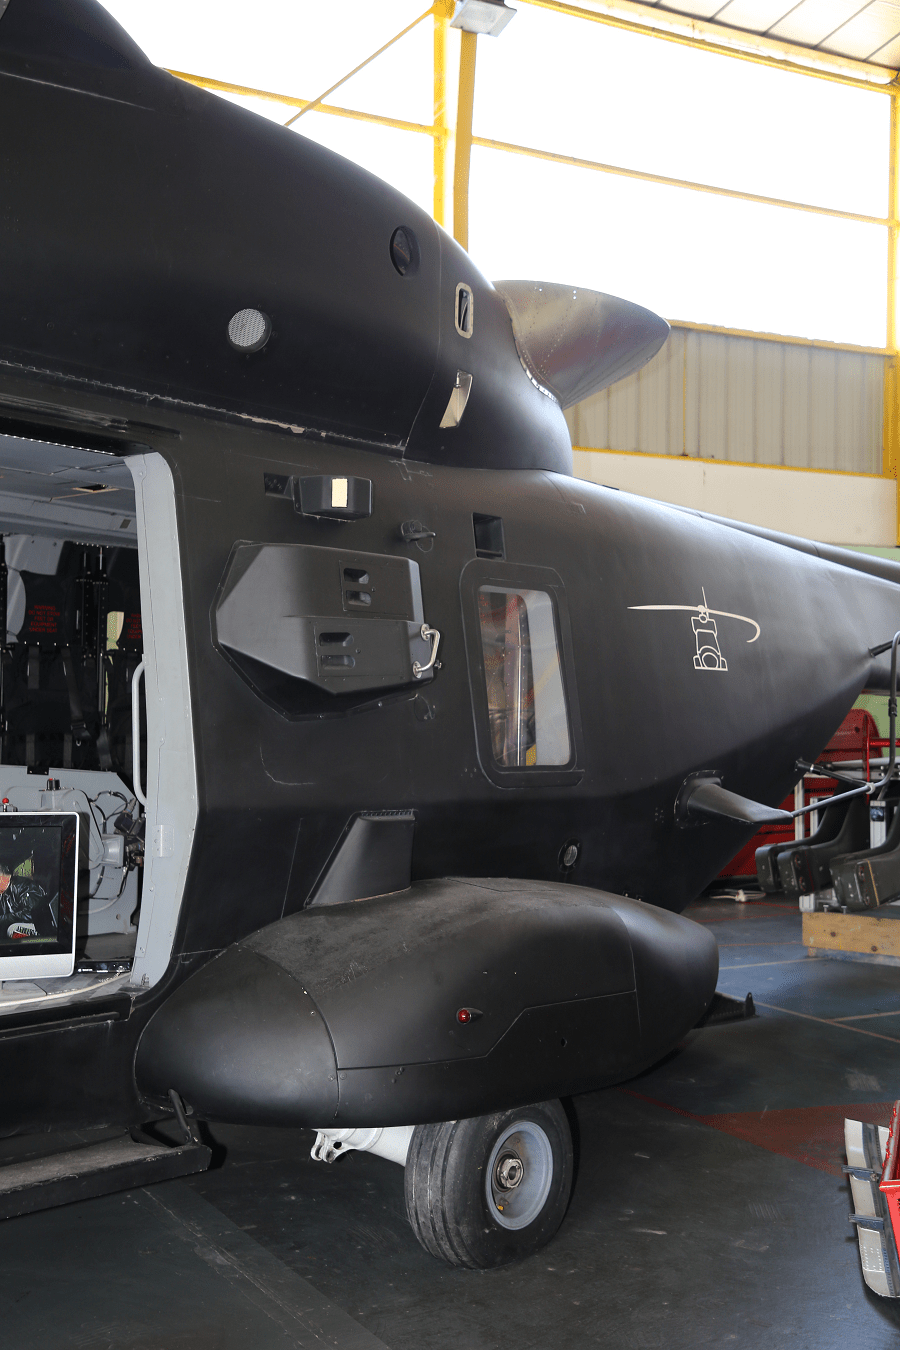 NH90 TTH Le NHIndustries NH90 est un hélicoptère militaire polyvalent de taille moyenne. Il a été développé pour l'OTAN comme un hélicoptère d'attaque (sur le champ de bataille) ou dans des eaux (lutte anti-sous-marine ASM). Cet hélicoptère a été développé et fabriqué par NHIndustries qui appartient à Airbus Helicopters, AgustaWestland (maintenant Leonardo) et Fokker Aerostructures. ________________ Fabriqué en France Équipage : 23 personnes Longueur : 16,1 m Poids : 6 400 kg (14 110 lb) Moteurs : - 2 turbomoteurs General Electric T700-T6E (1 662 kW, puissance : 2 229 CH chacun) - 2 turbomoteurs Rolls-Royce Turbomeca RTM322-1 / 9 (1 802 kW, puissance : 2 417 CH chacun) Puissance : Vitesse maximale : 300 km / h Rayon d'action : 800 km Durée du vol : 5 heures Plafond : 6 000 m Armement : - 2 mitrailleuses - Missiles anti-sous-marins ou missiles air-surface_rotor_moteur_roue_chassis_systeme d'echappement